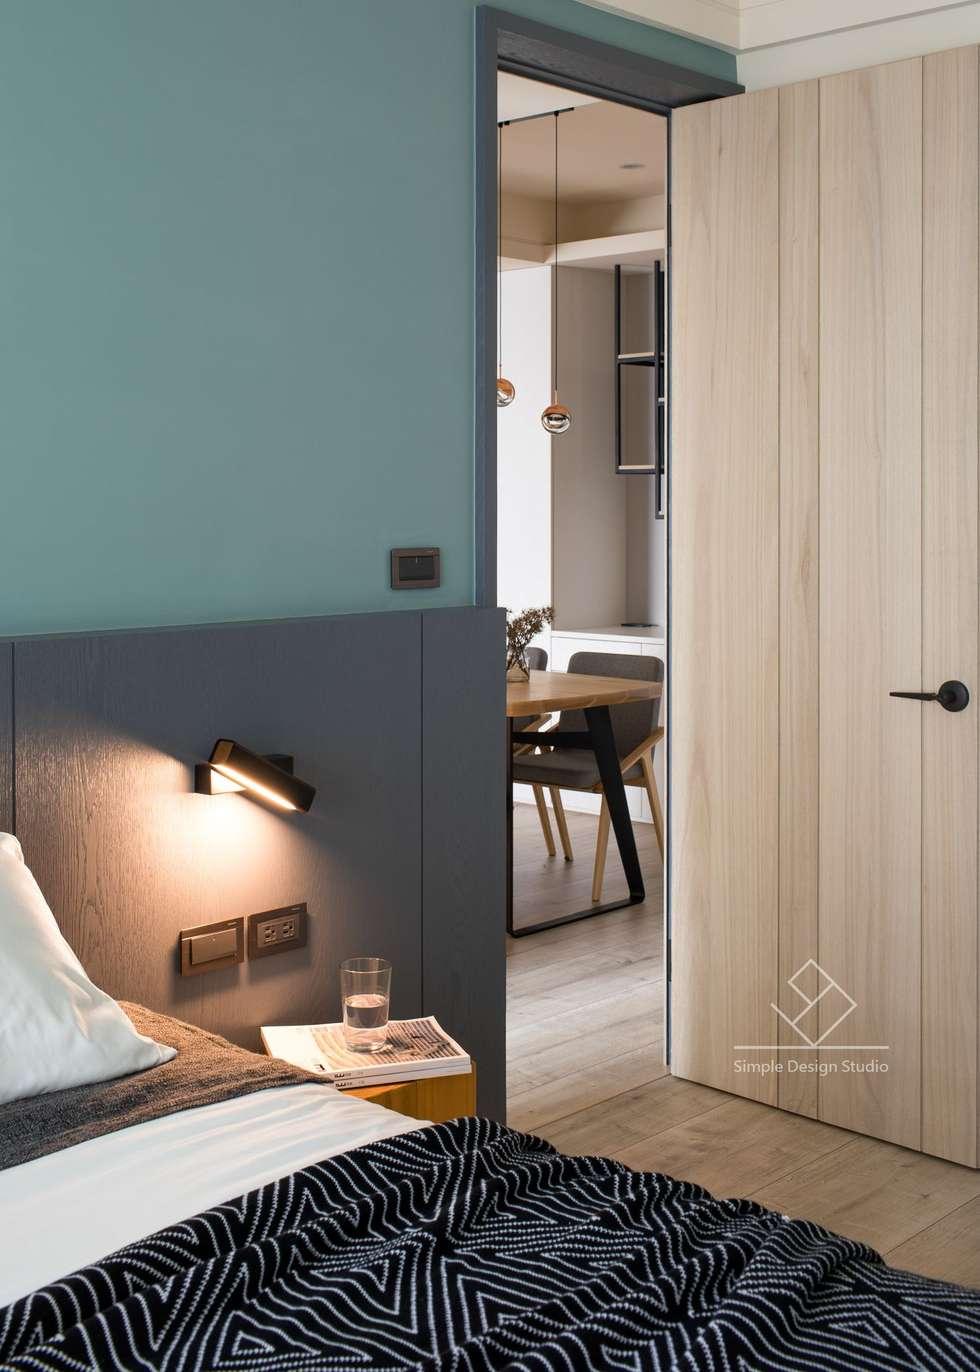 壁燈:  臥室 by 極簡室內設計